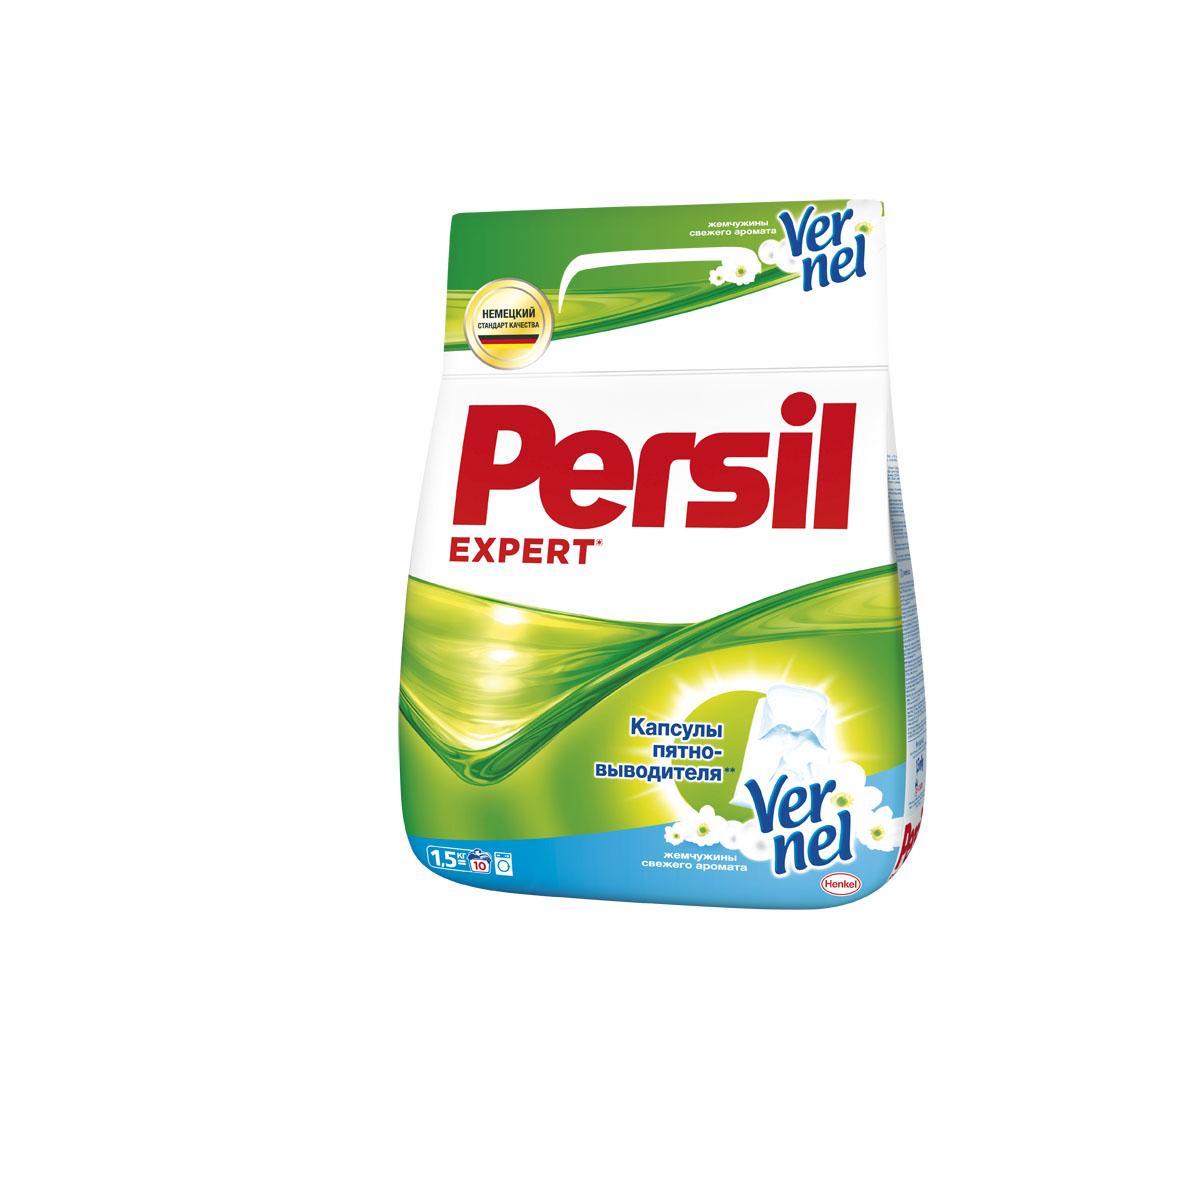 Стиральный порошок Persil Expert Жемчужины свежего аромата, 1,5 кг904675